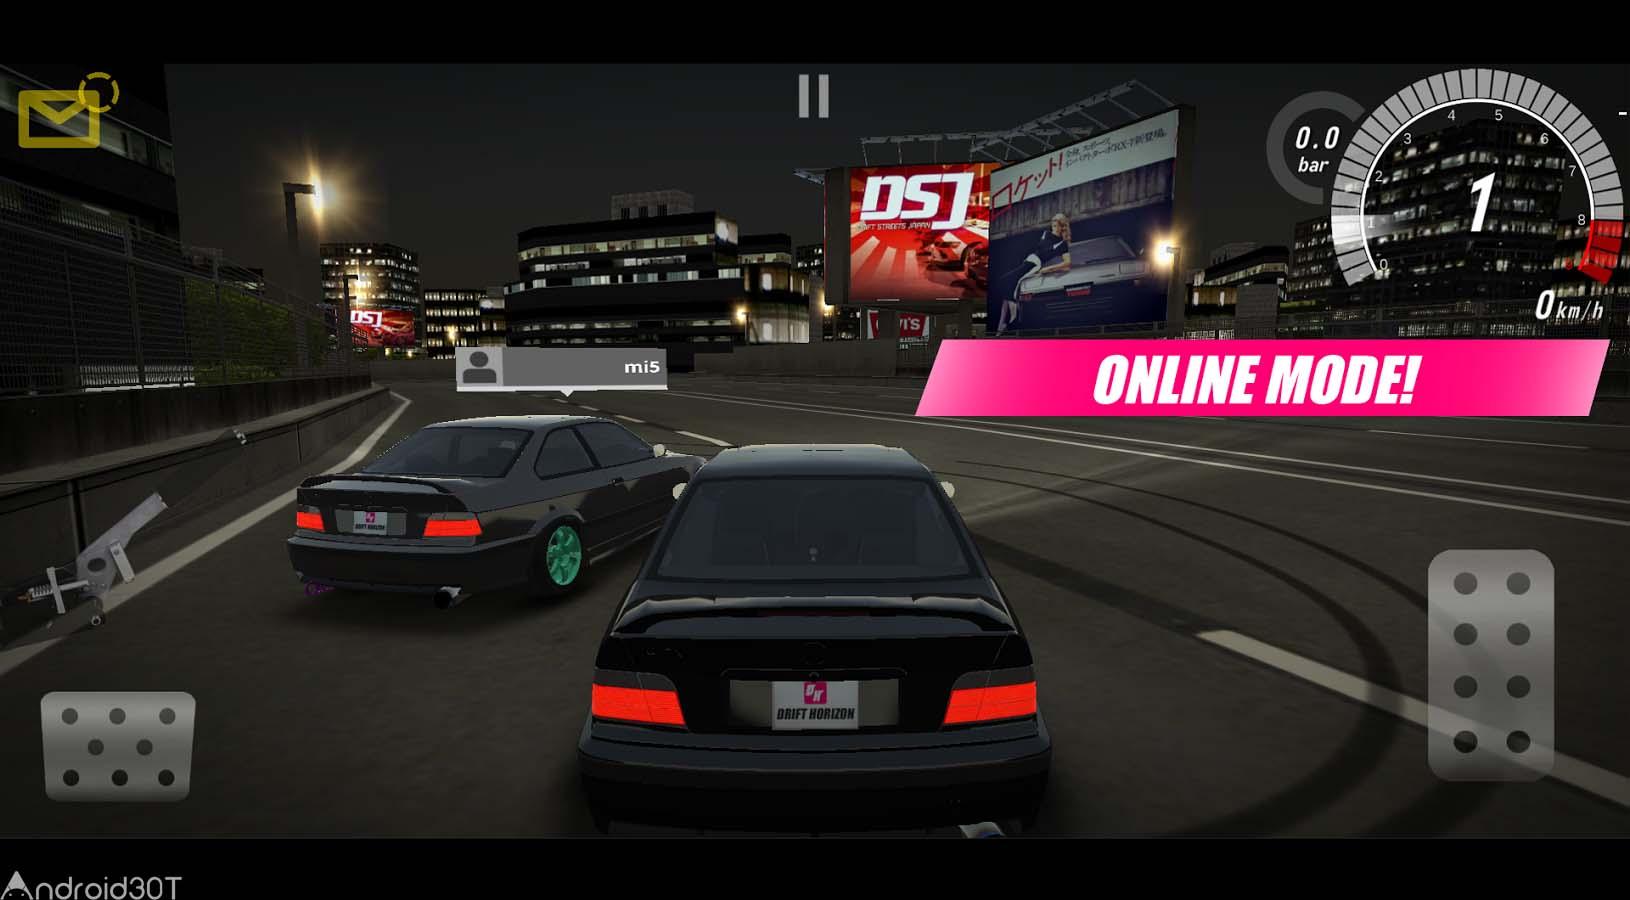 دانلود Drift Horizon Online 5.8.0 – بازی مسابقات سرعت اندروید